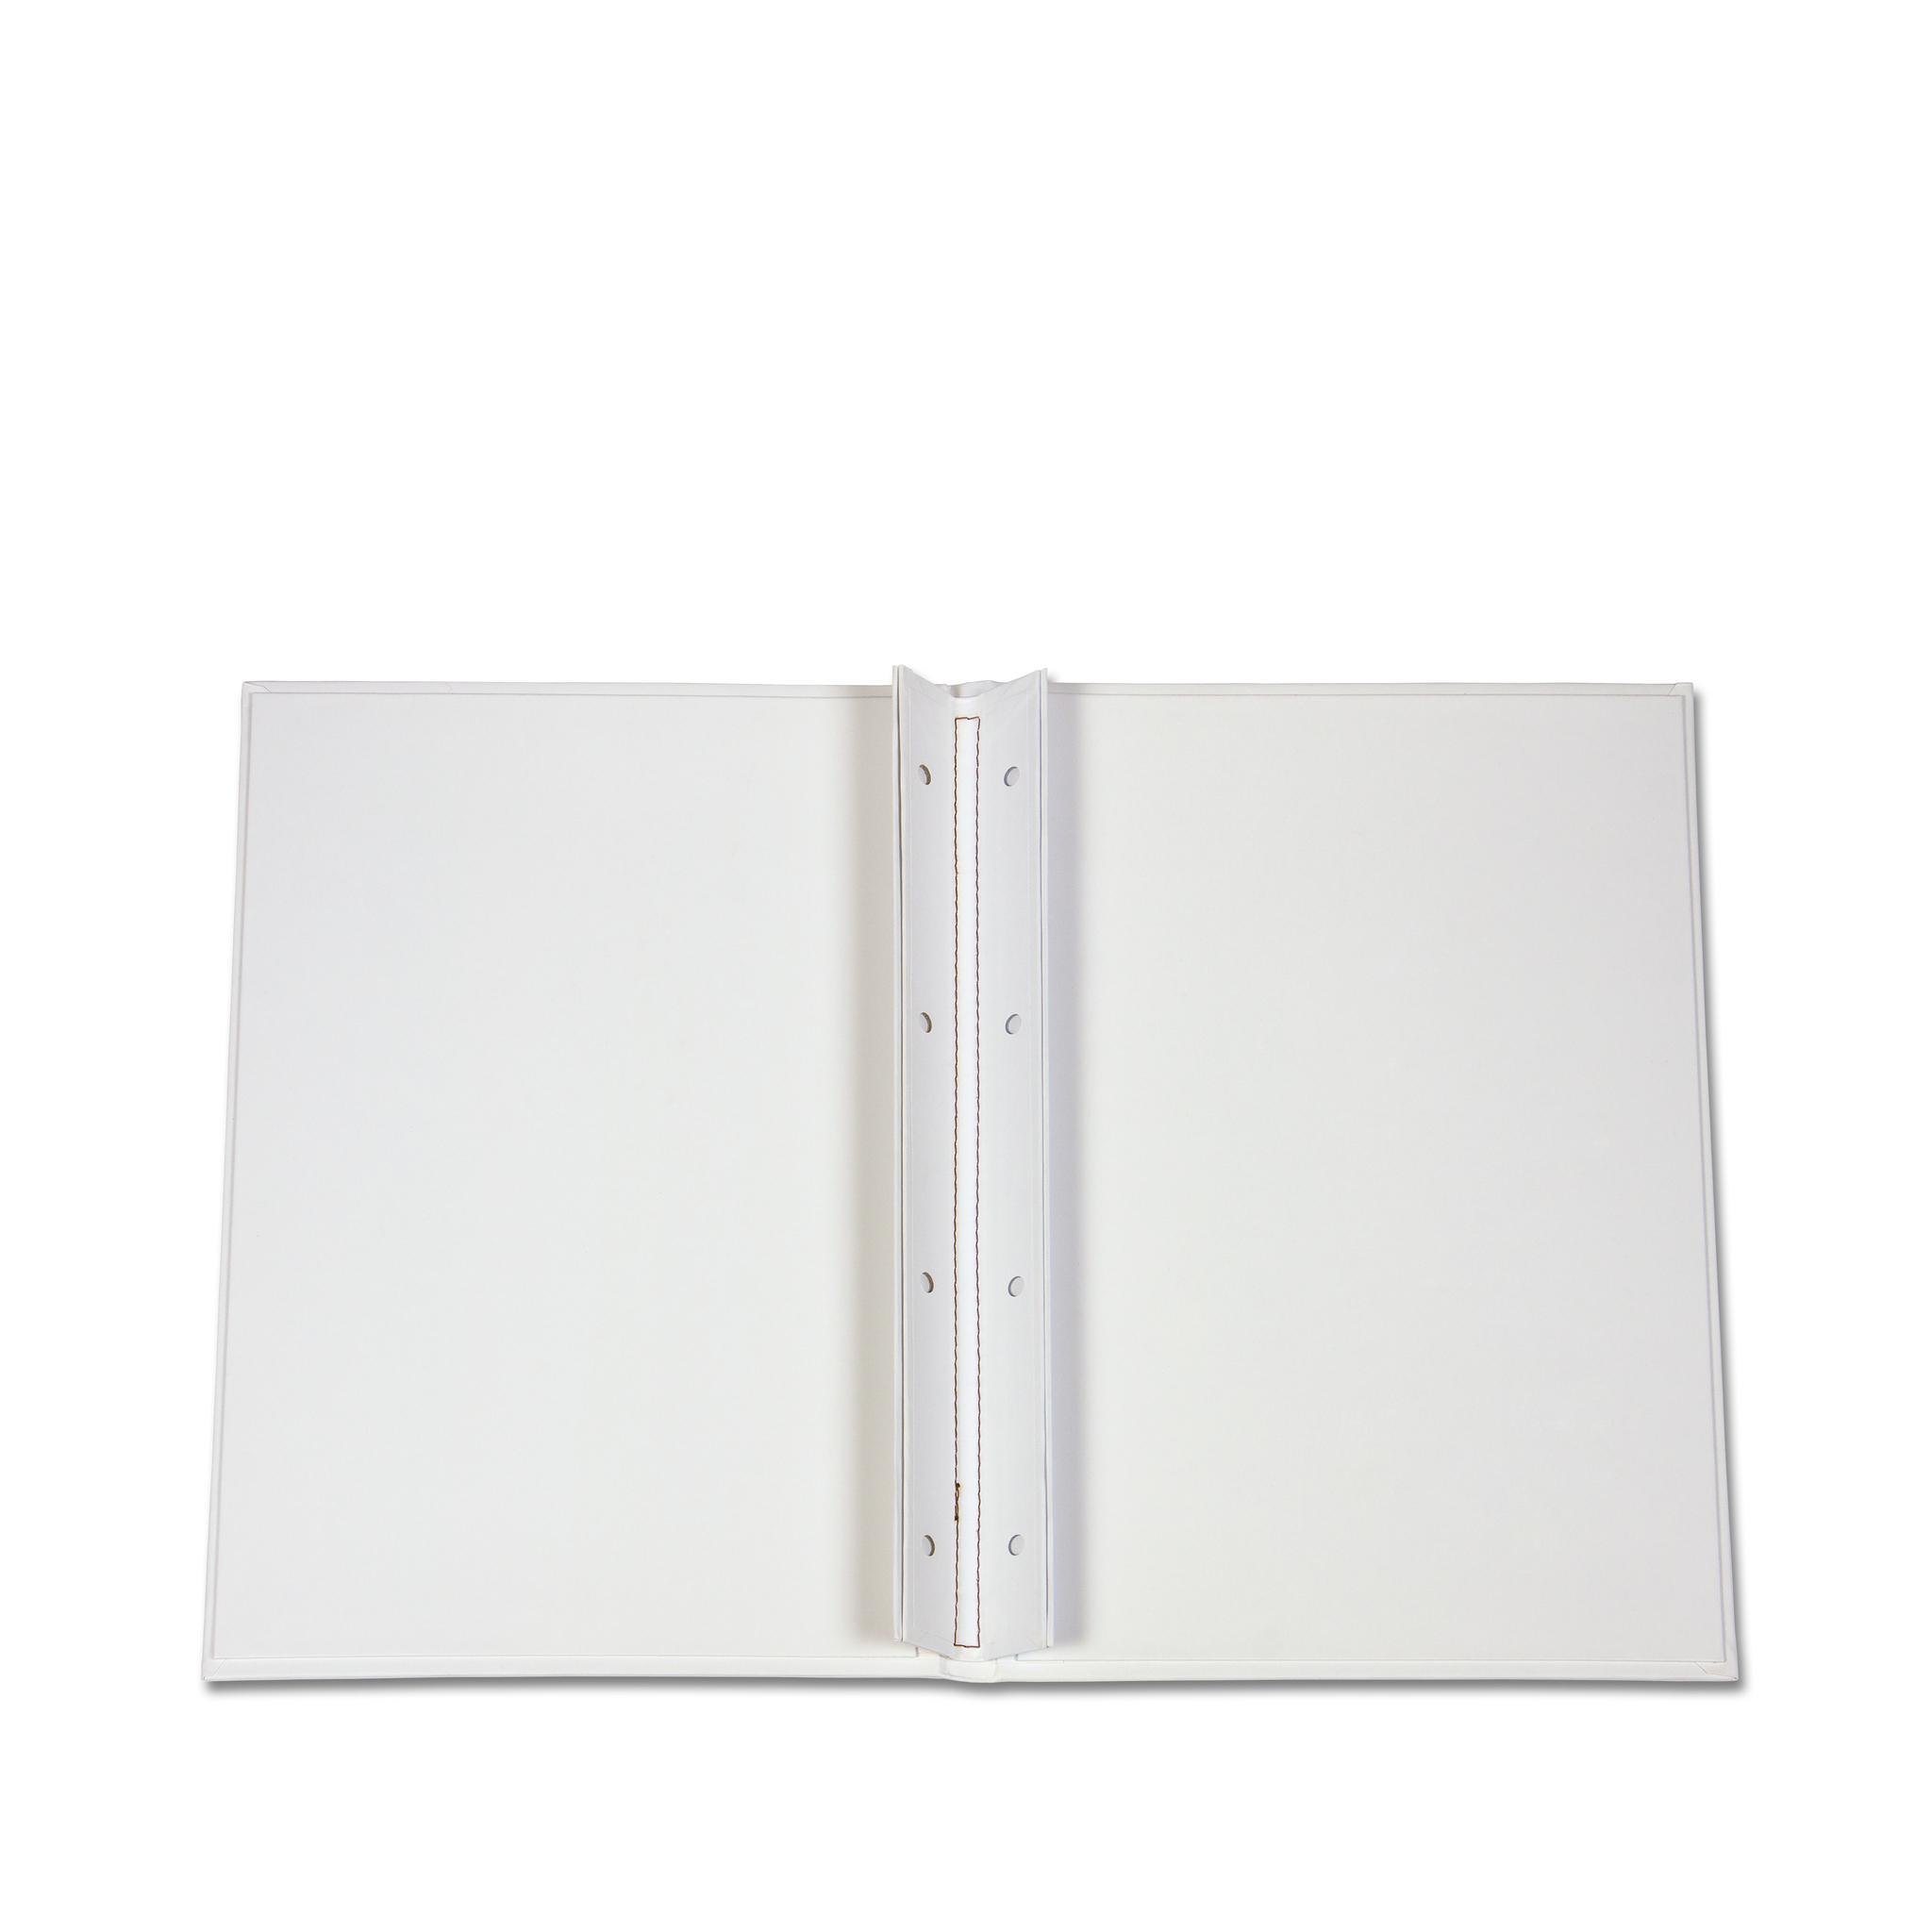 Белая папка на болтах с твёрдой обложкой и печатью логотипа